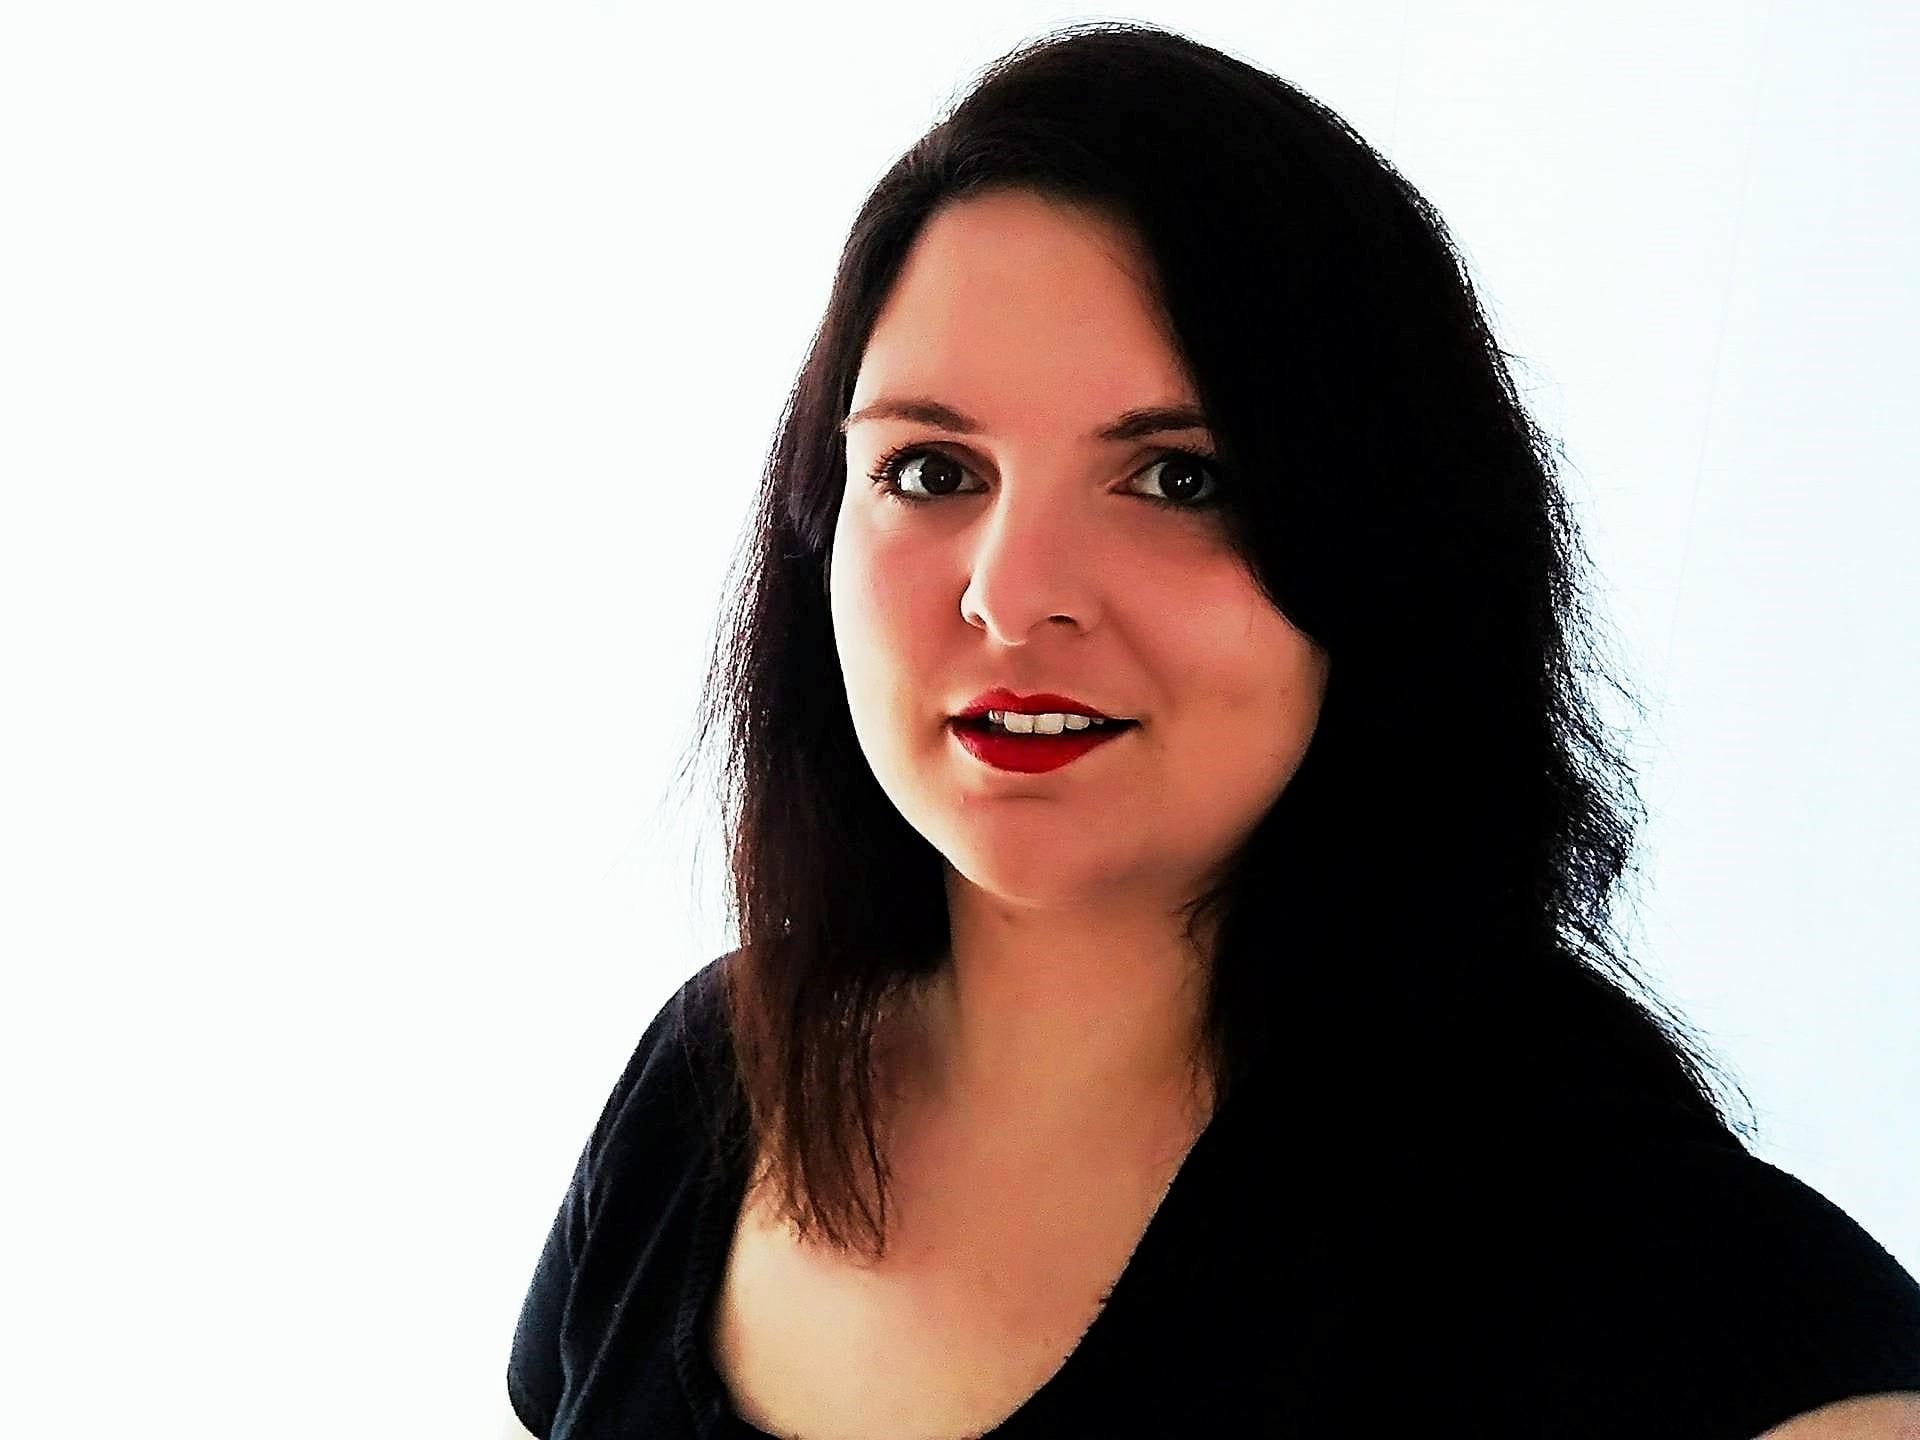 Julie von Puddingklecks beantwortet die Fragen 81 bis 100 der Blogaktion 1000 Fragen an mich selbst // Selbsrfindung #5